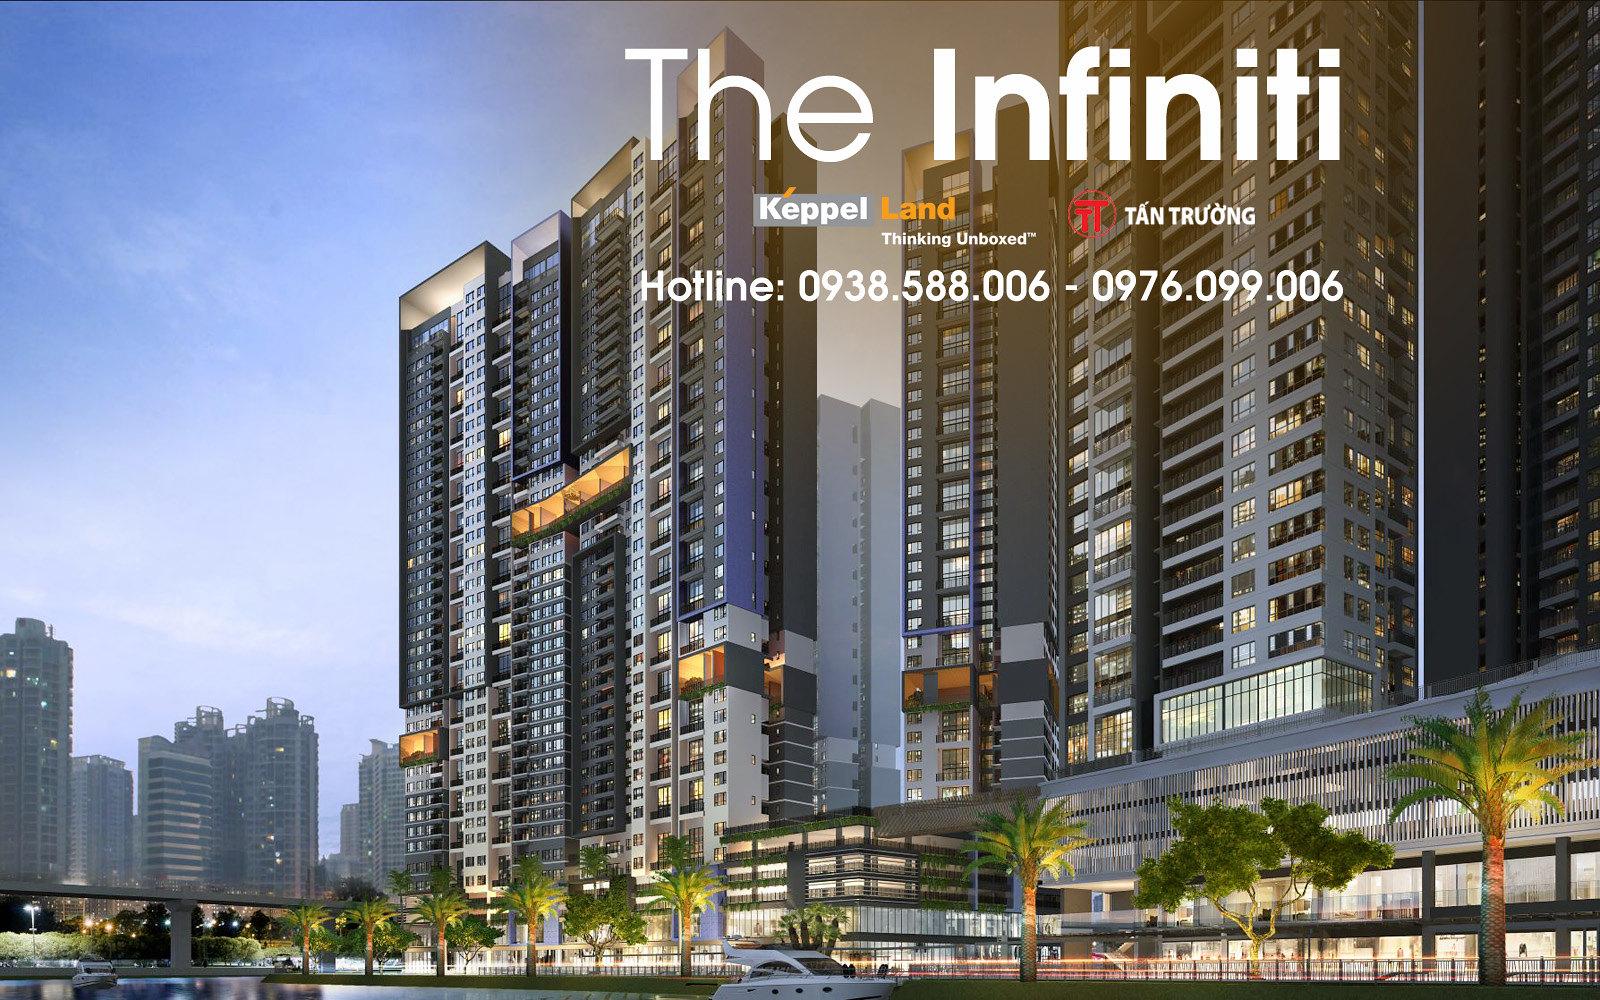 Thiết kế quy mô và bóng bẩy của The Infiniti.